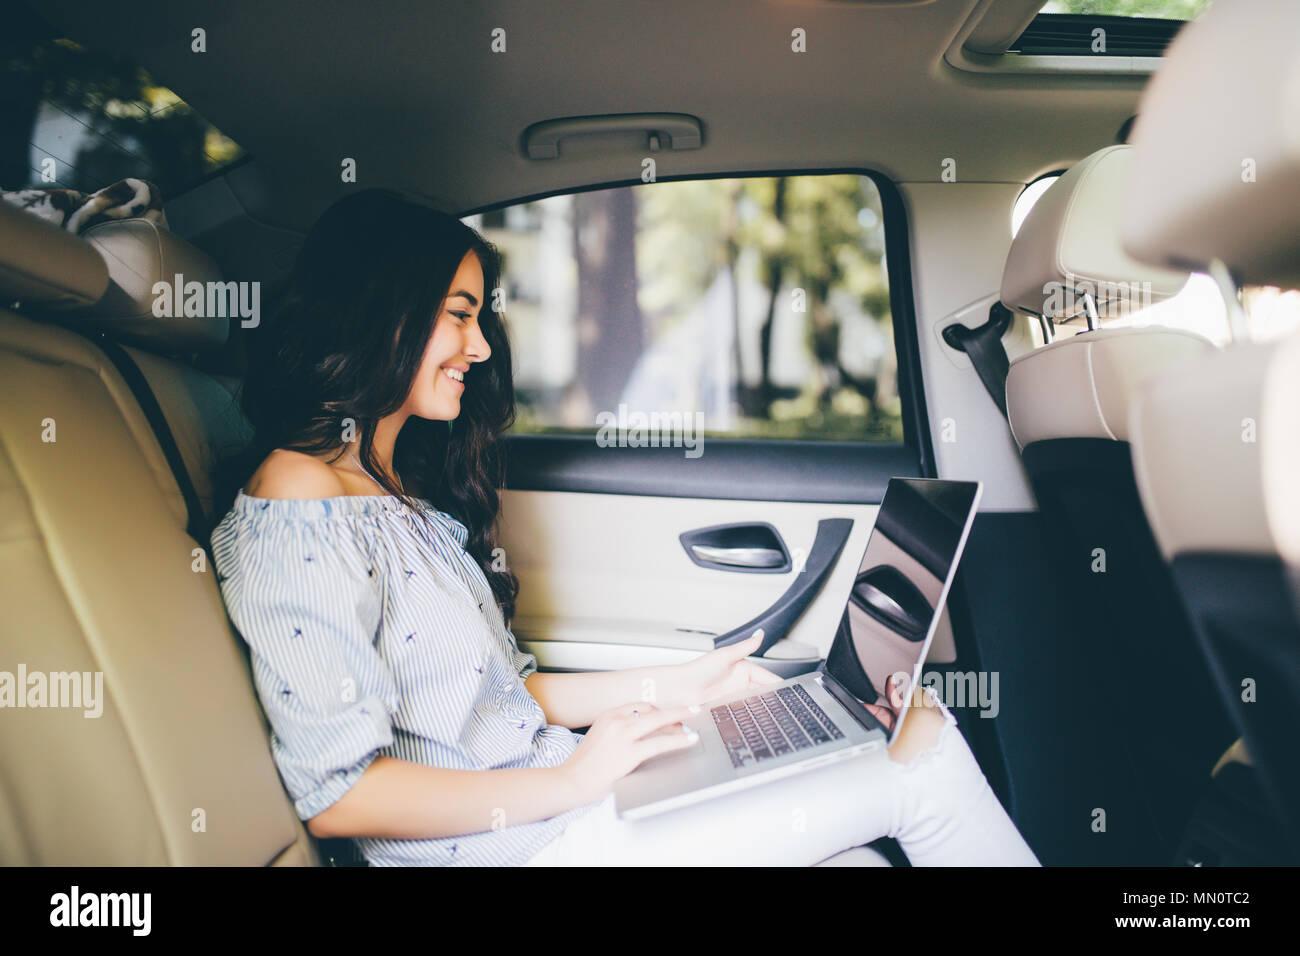 Bella donna d'affari sta usando un computer portatile mentre è seduto sul sedile posteriore in auto Foto Stock